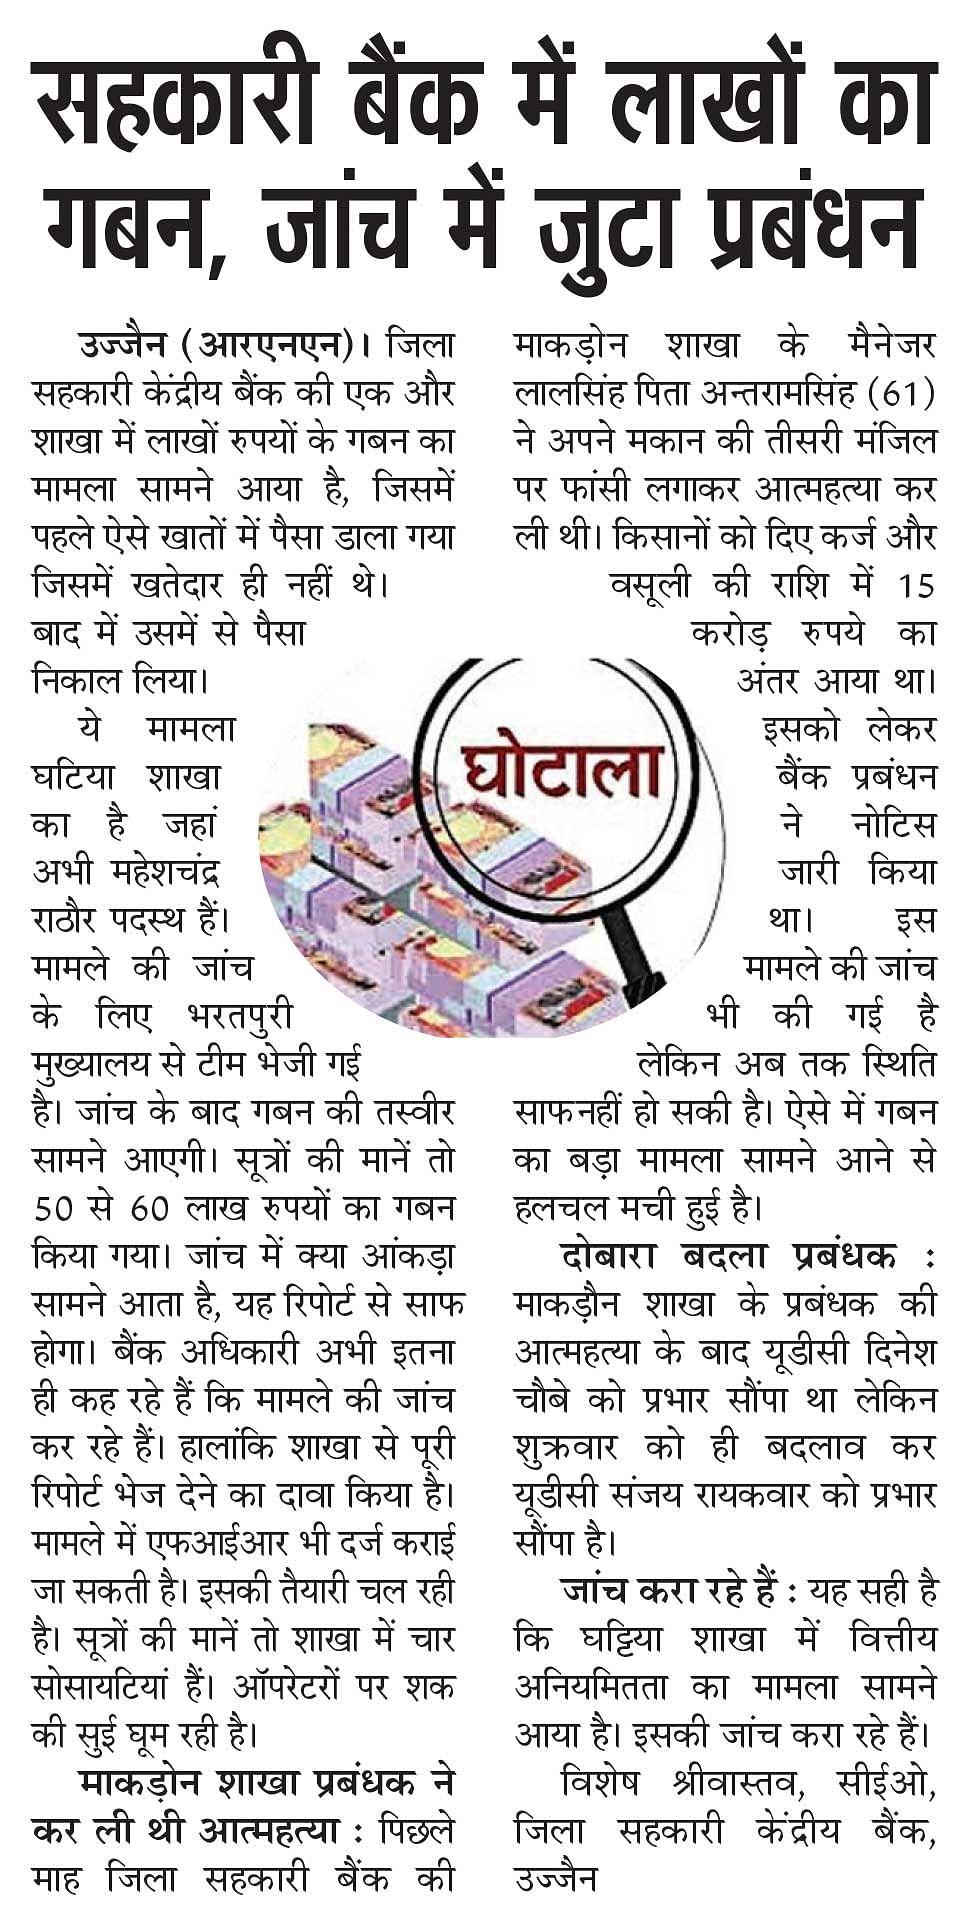 राजएक्सप्रेस ने 4 सितम्बर को सबसे पहले गबन उजागर किया।